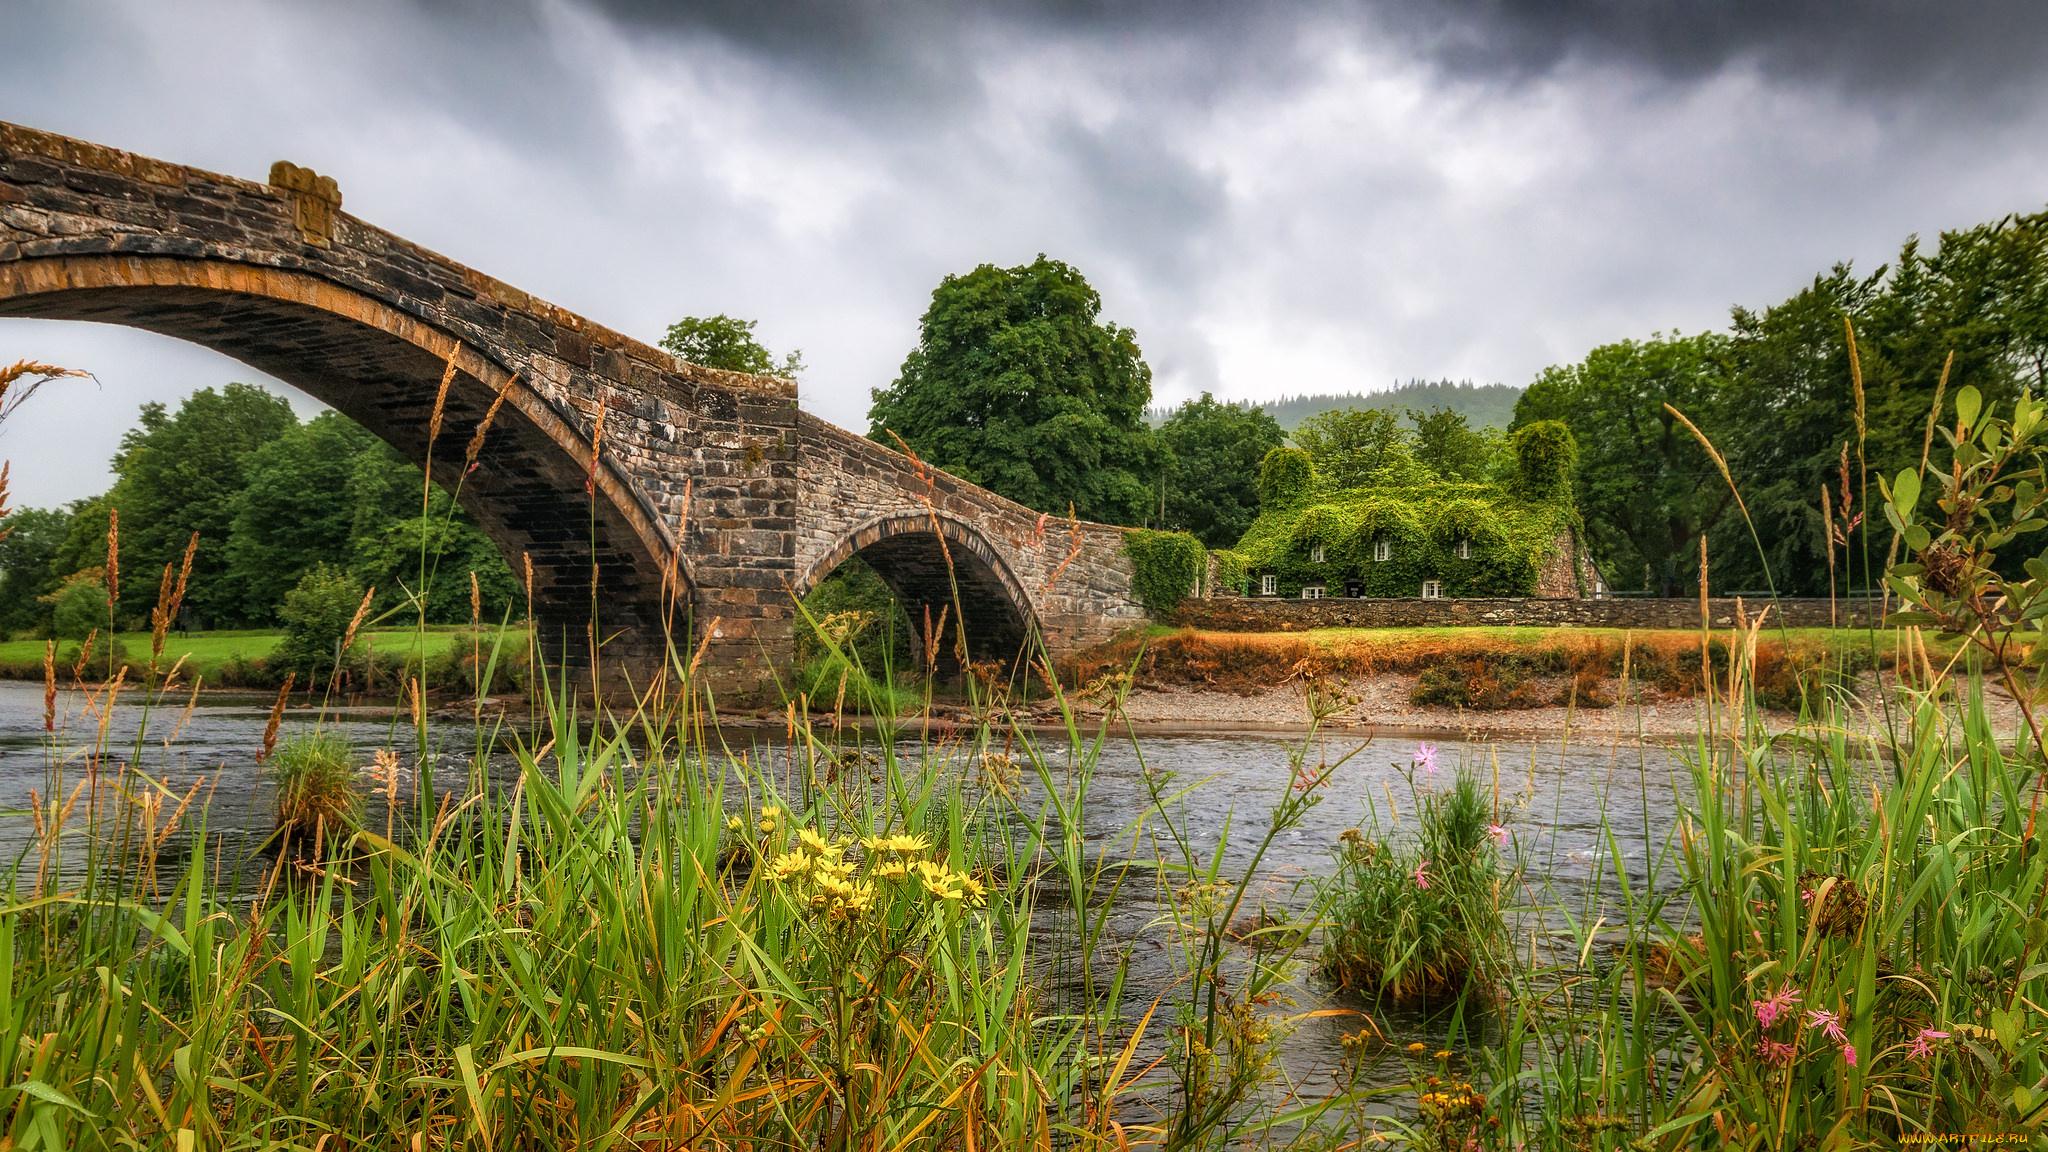 природа Уэльс мост деревья трава в хорошем качестве